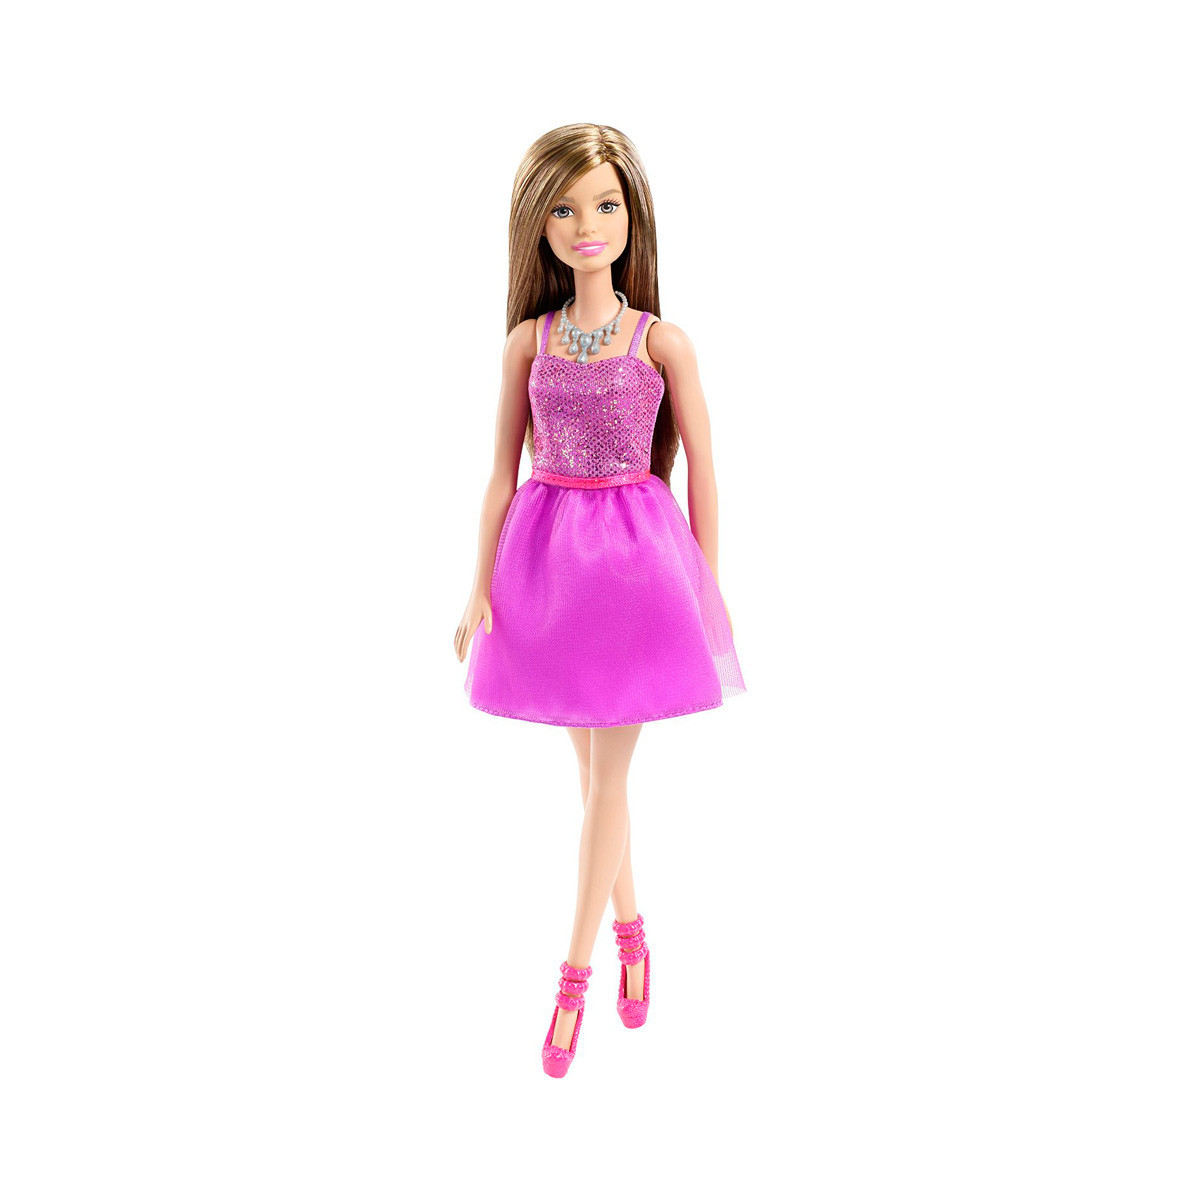 """Barbie """"Сияние моды"""" Кукла Барби - Шатенка в фиолетовом платье"""